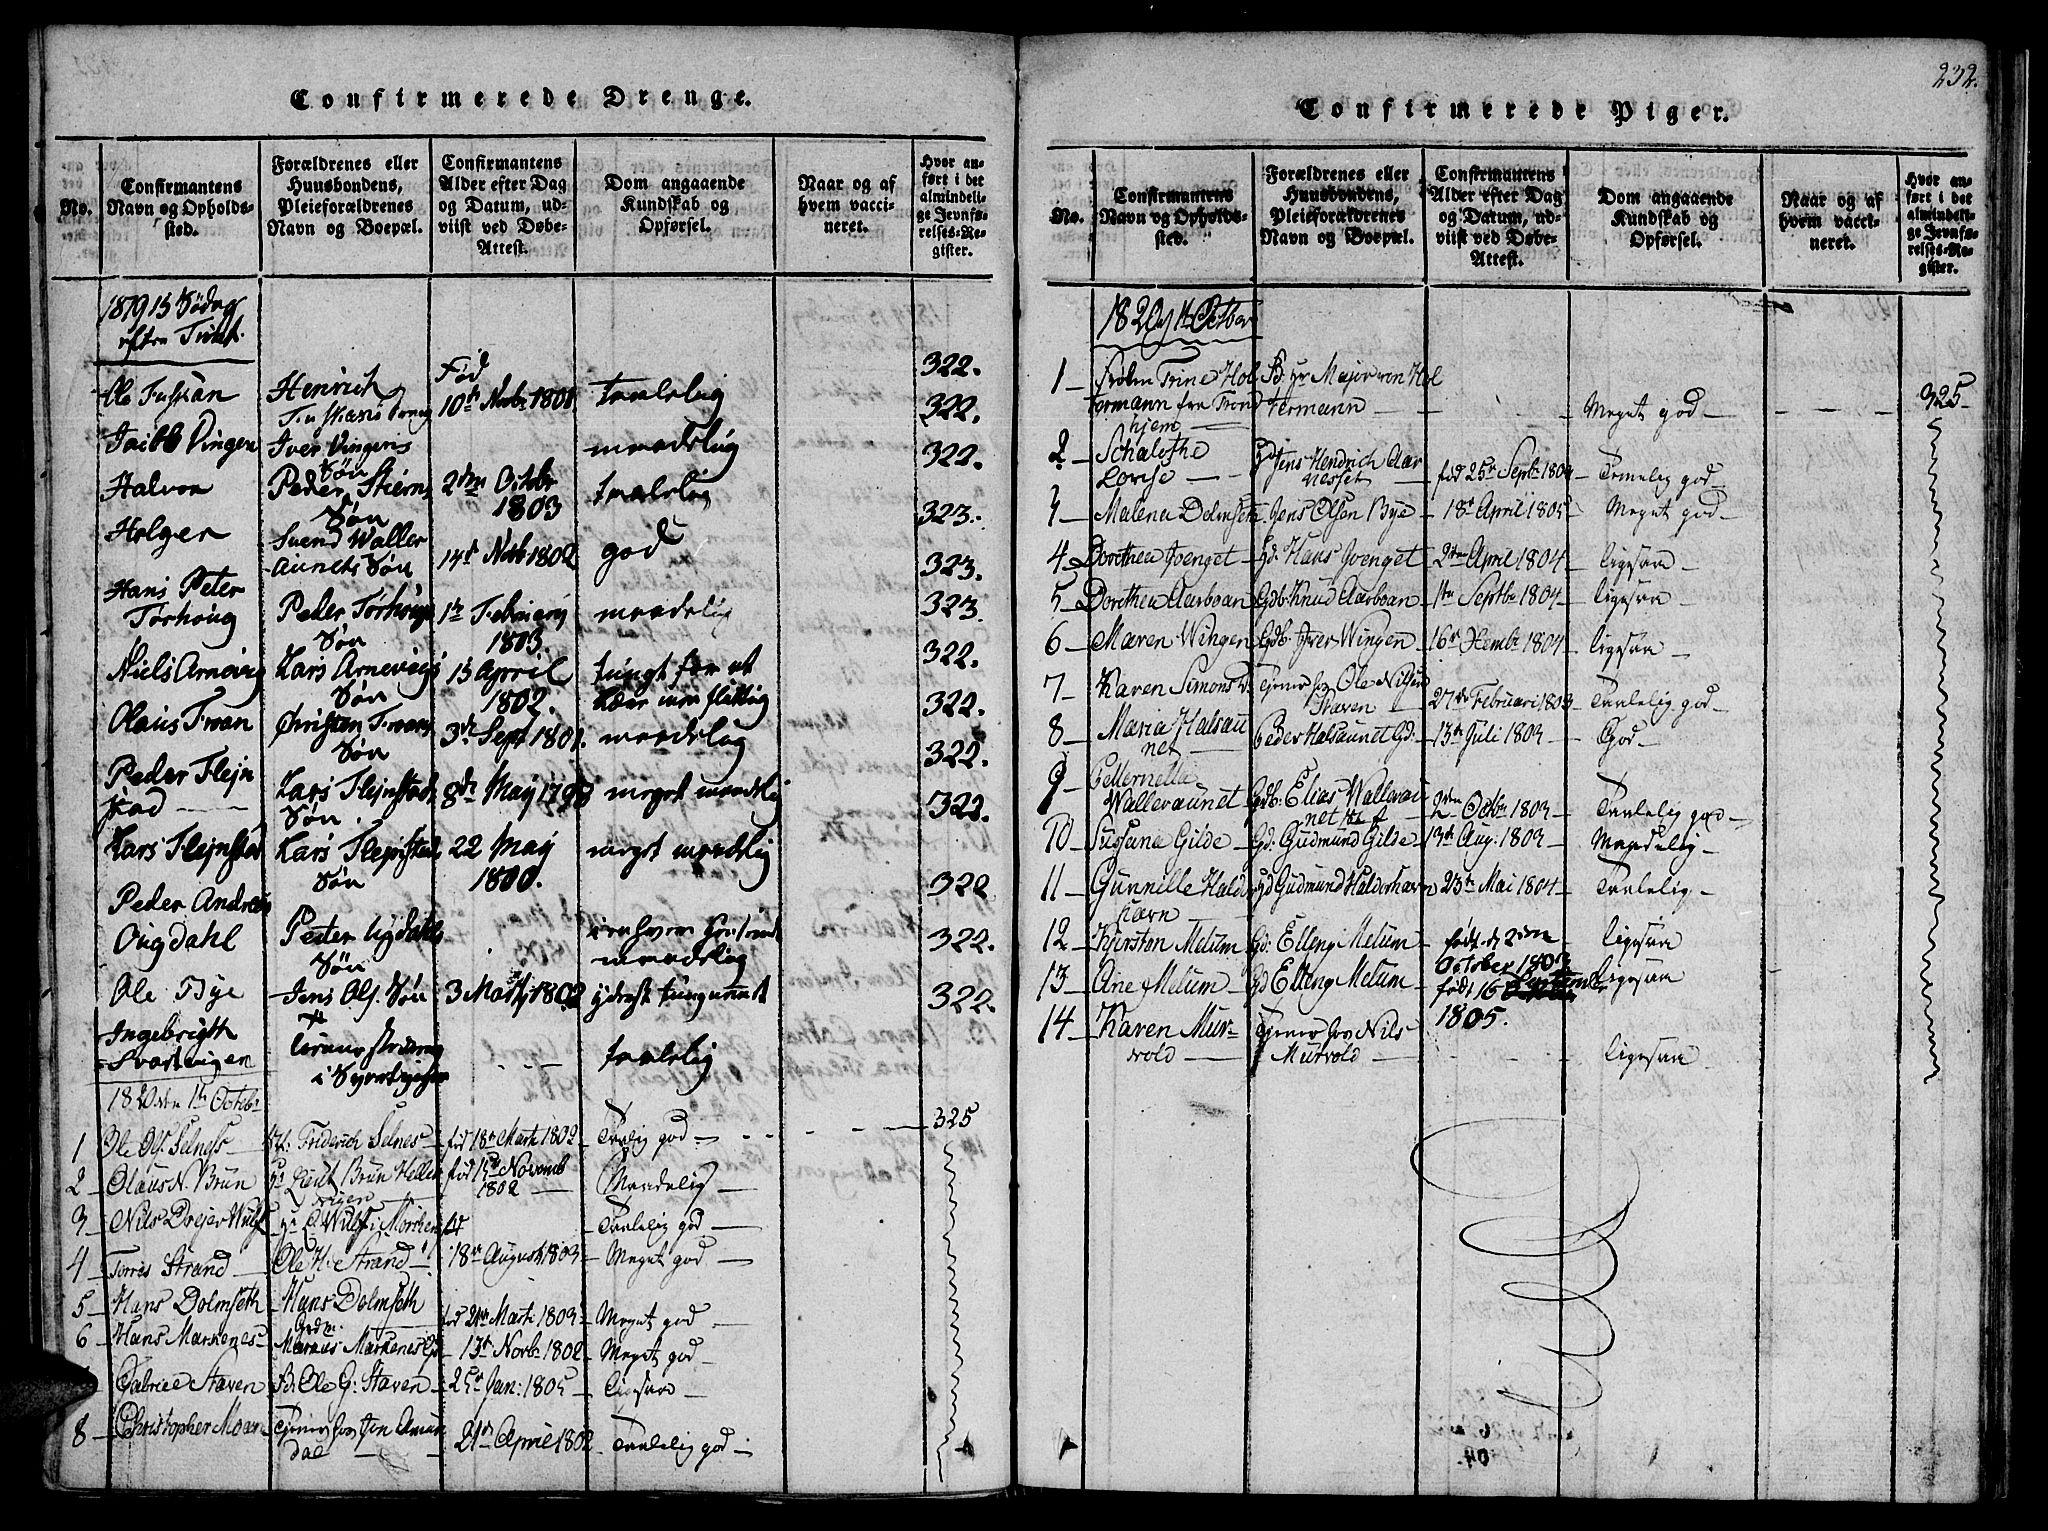 SAT, Ministerialprotokoller, klokkerbøker og fødselsregistre - Sør-Trøndelag, 655/L0675: Ministerialbok nr. 655A04, 1818-1830, s. 232